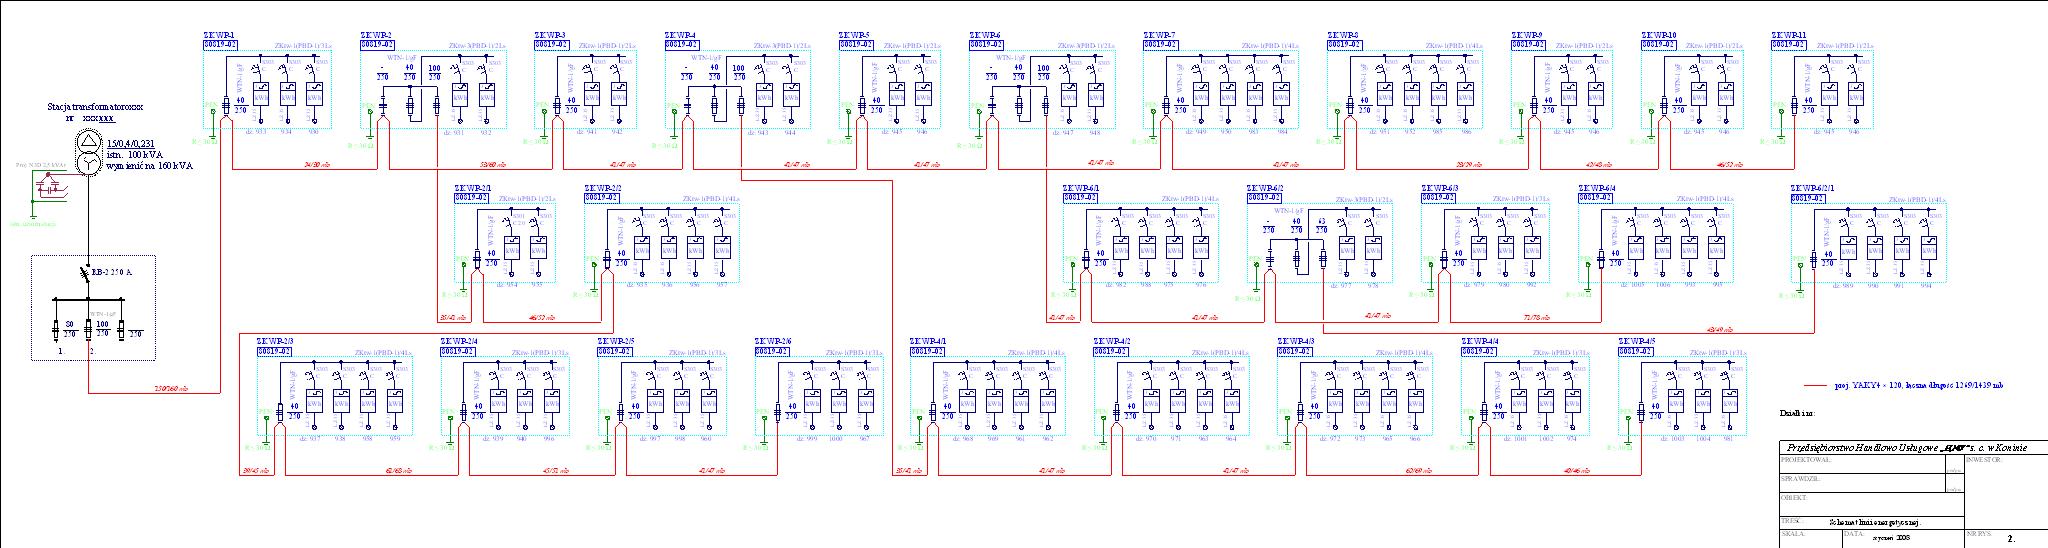 Schemat sieci kablowej NN